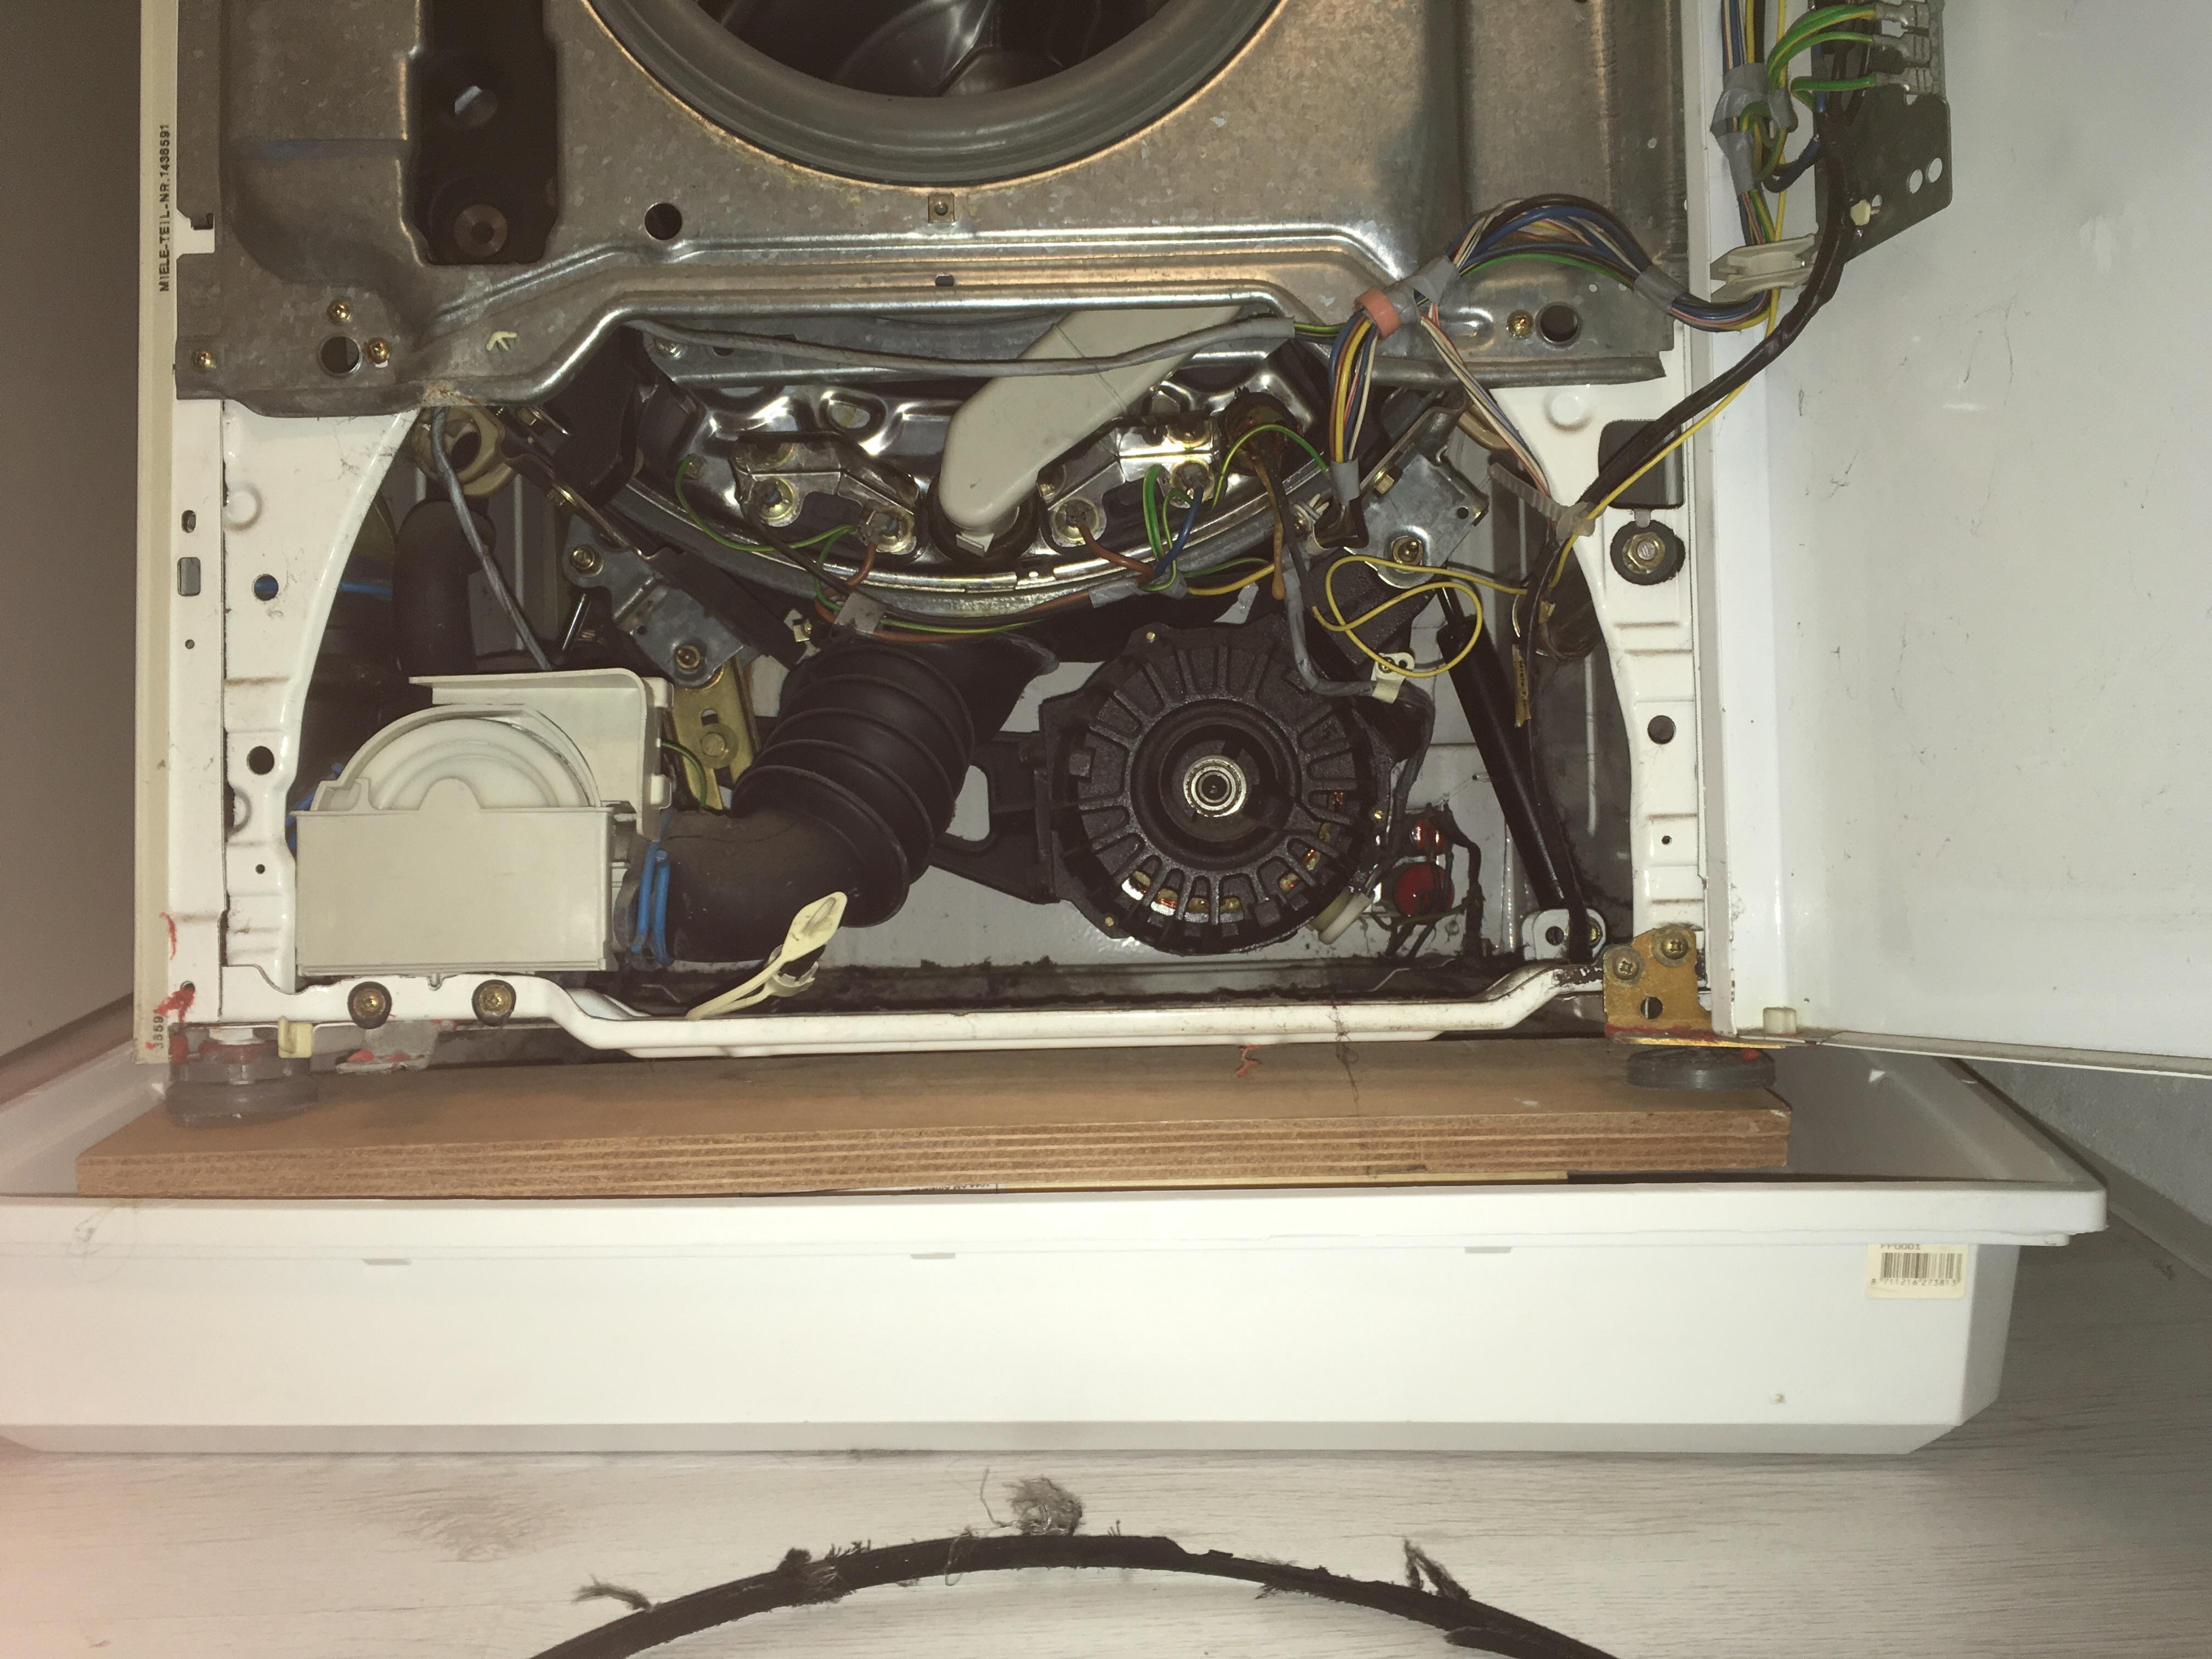 Top Miele de luxe W752 trommel draait niet meer - Forum - Circuits Online ZZ89